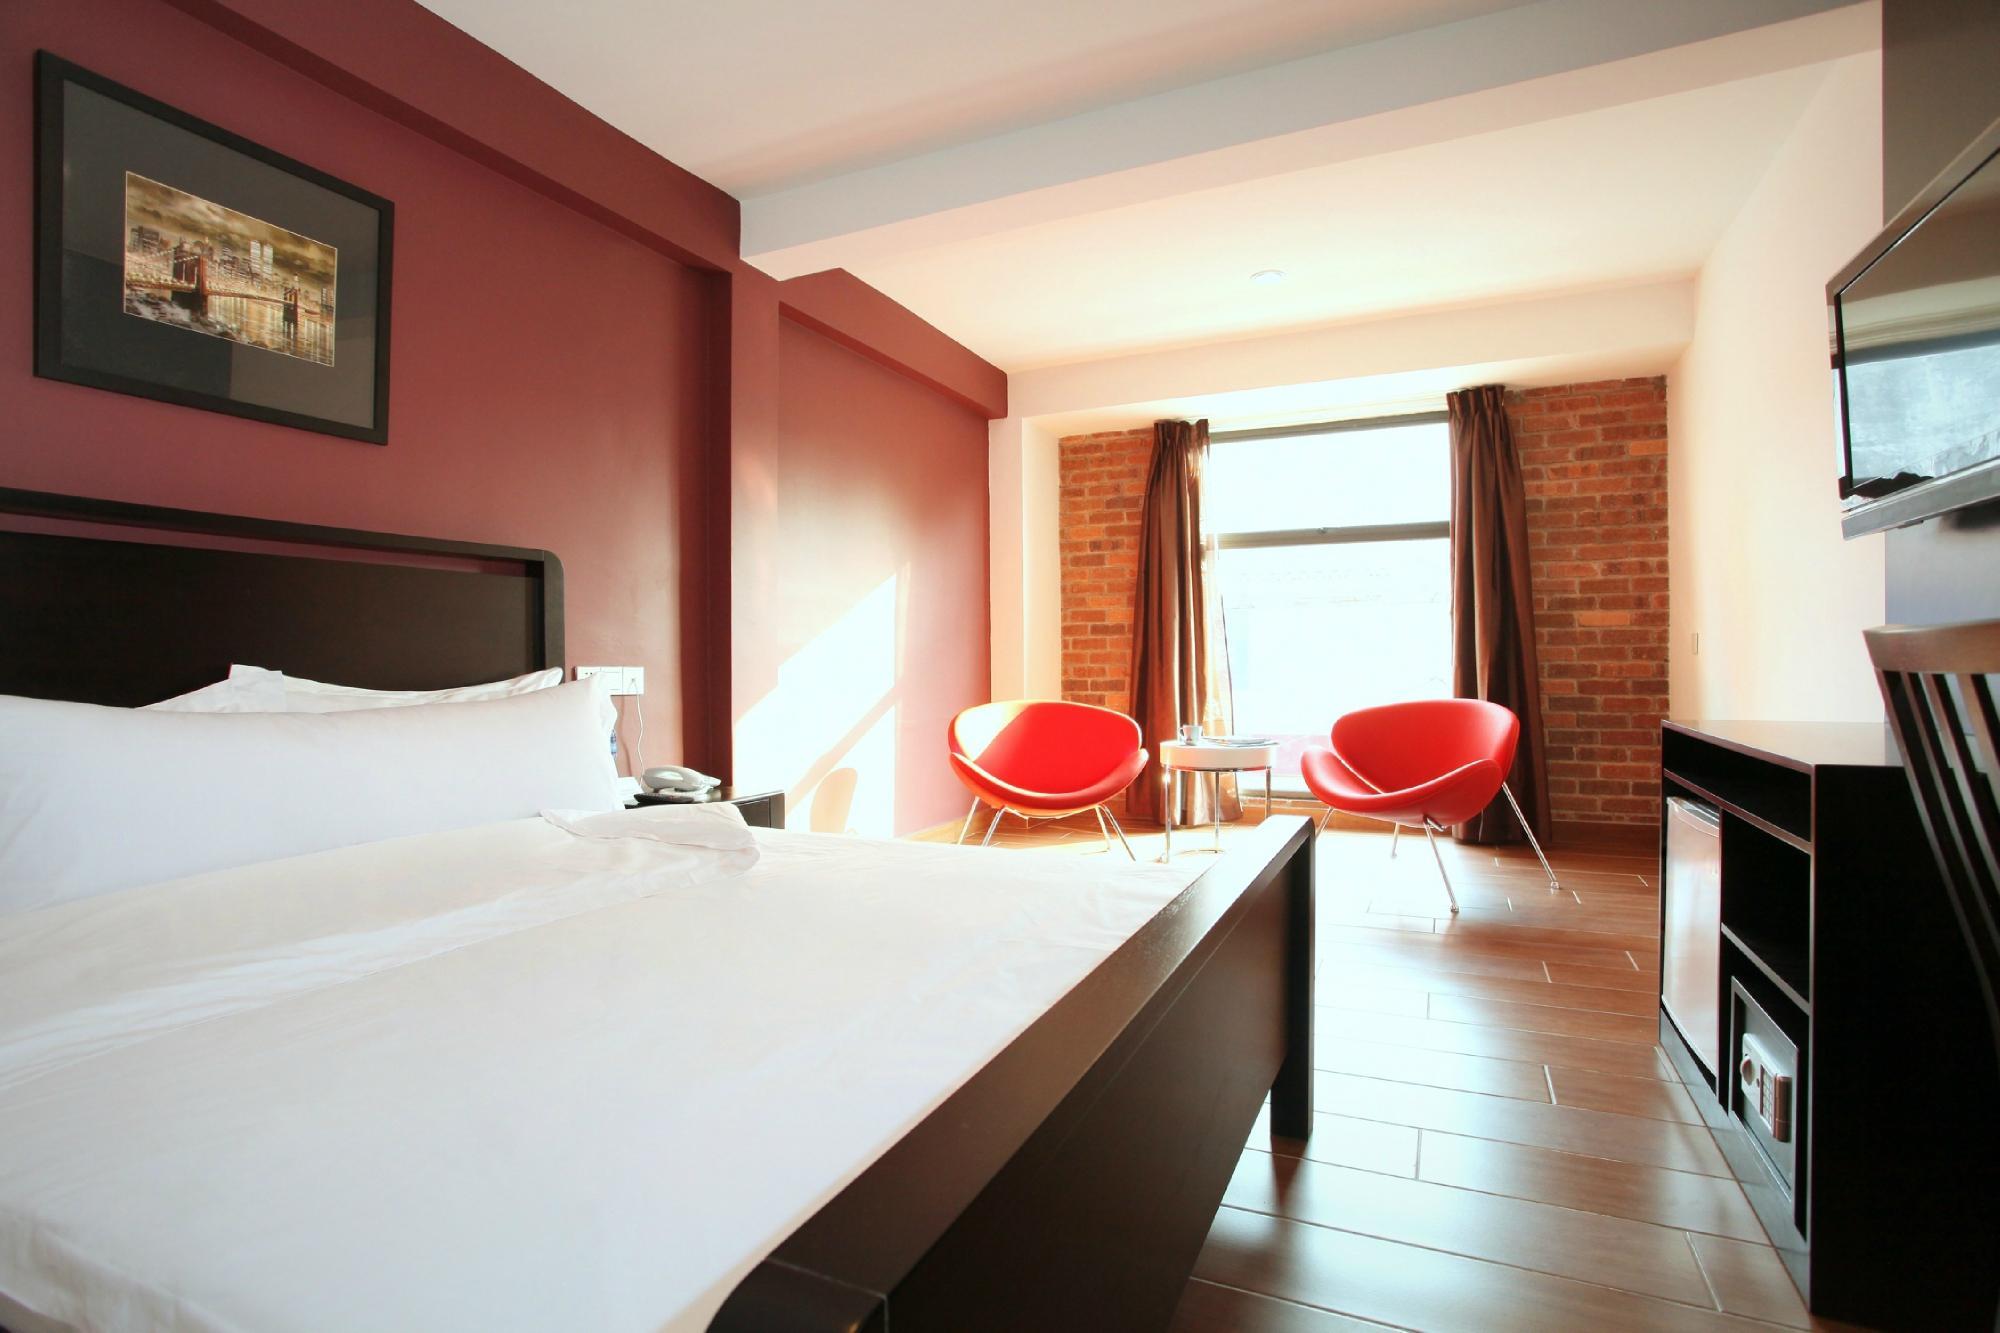 โรงแรม ครอสโรดส์